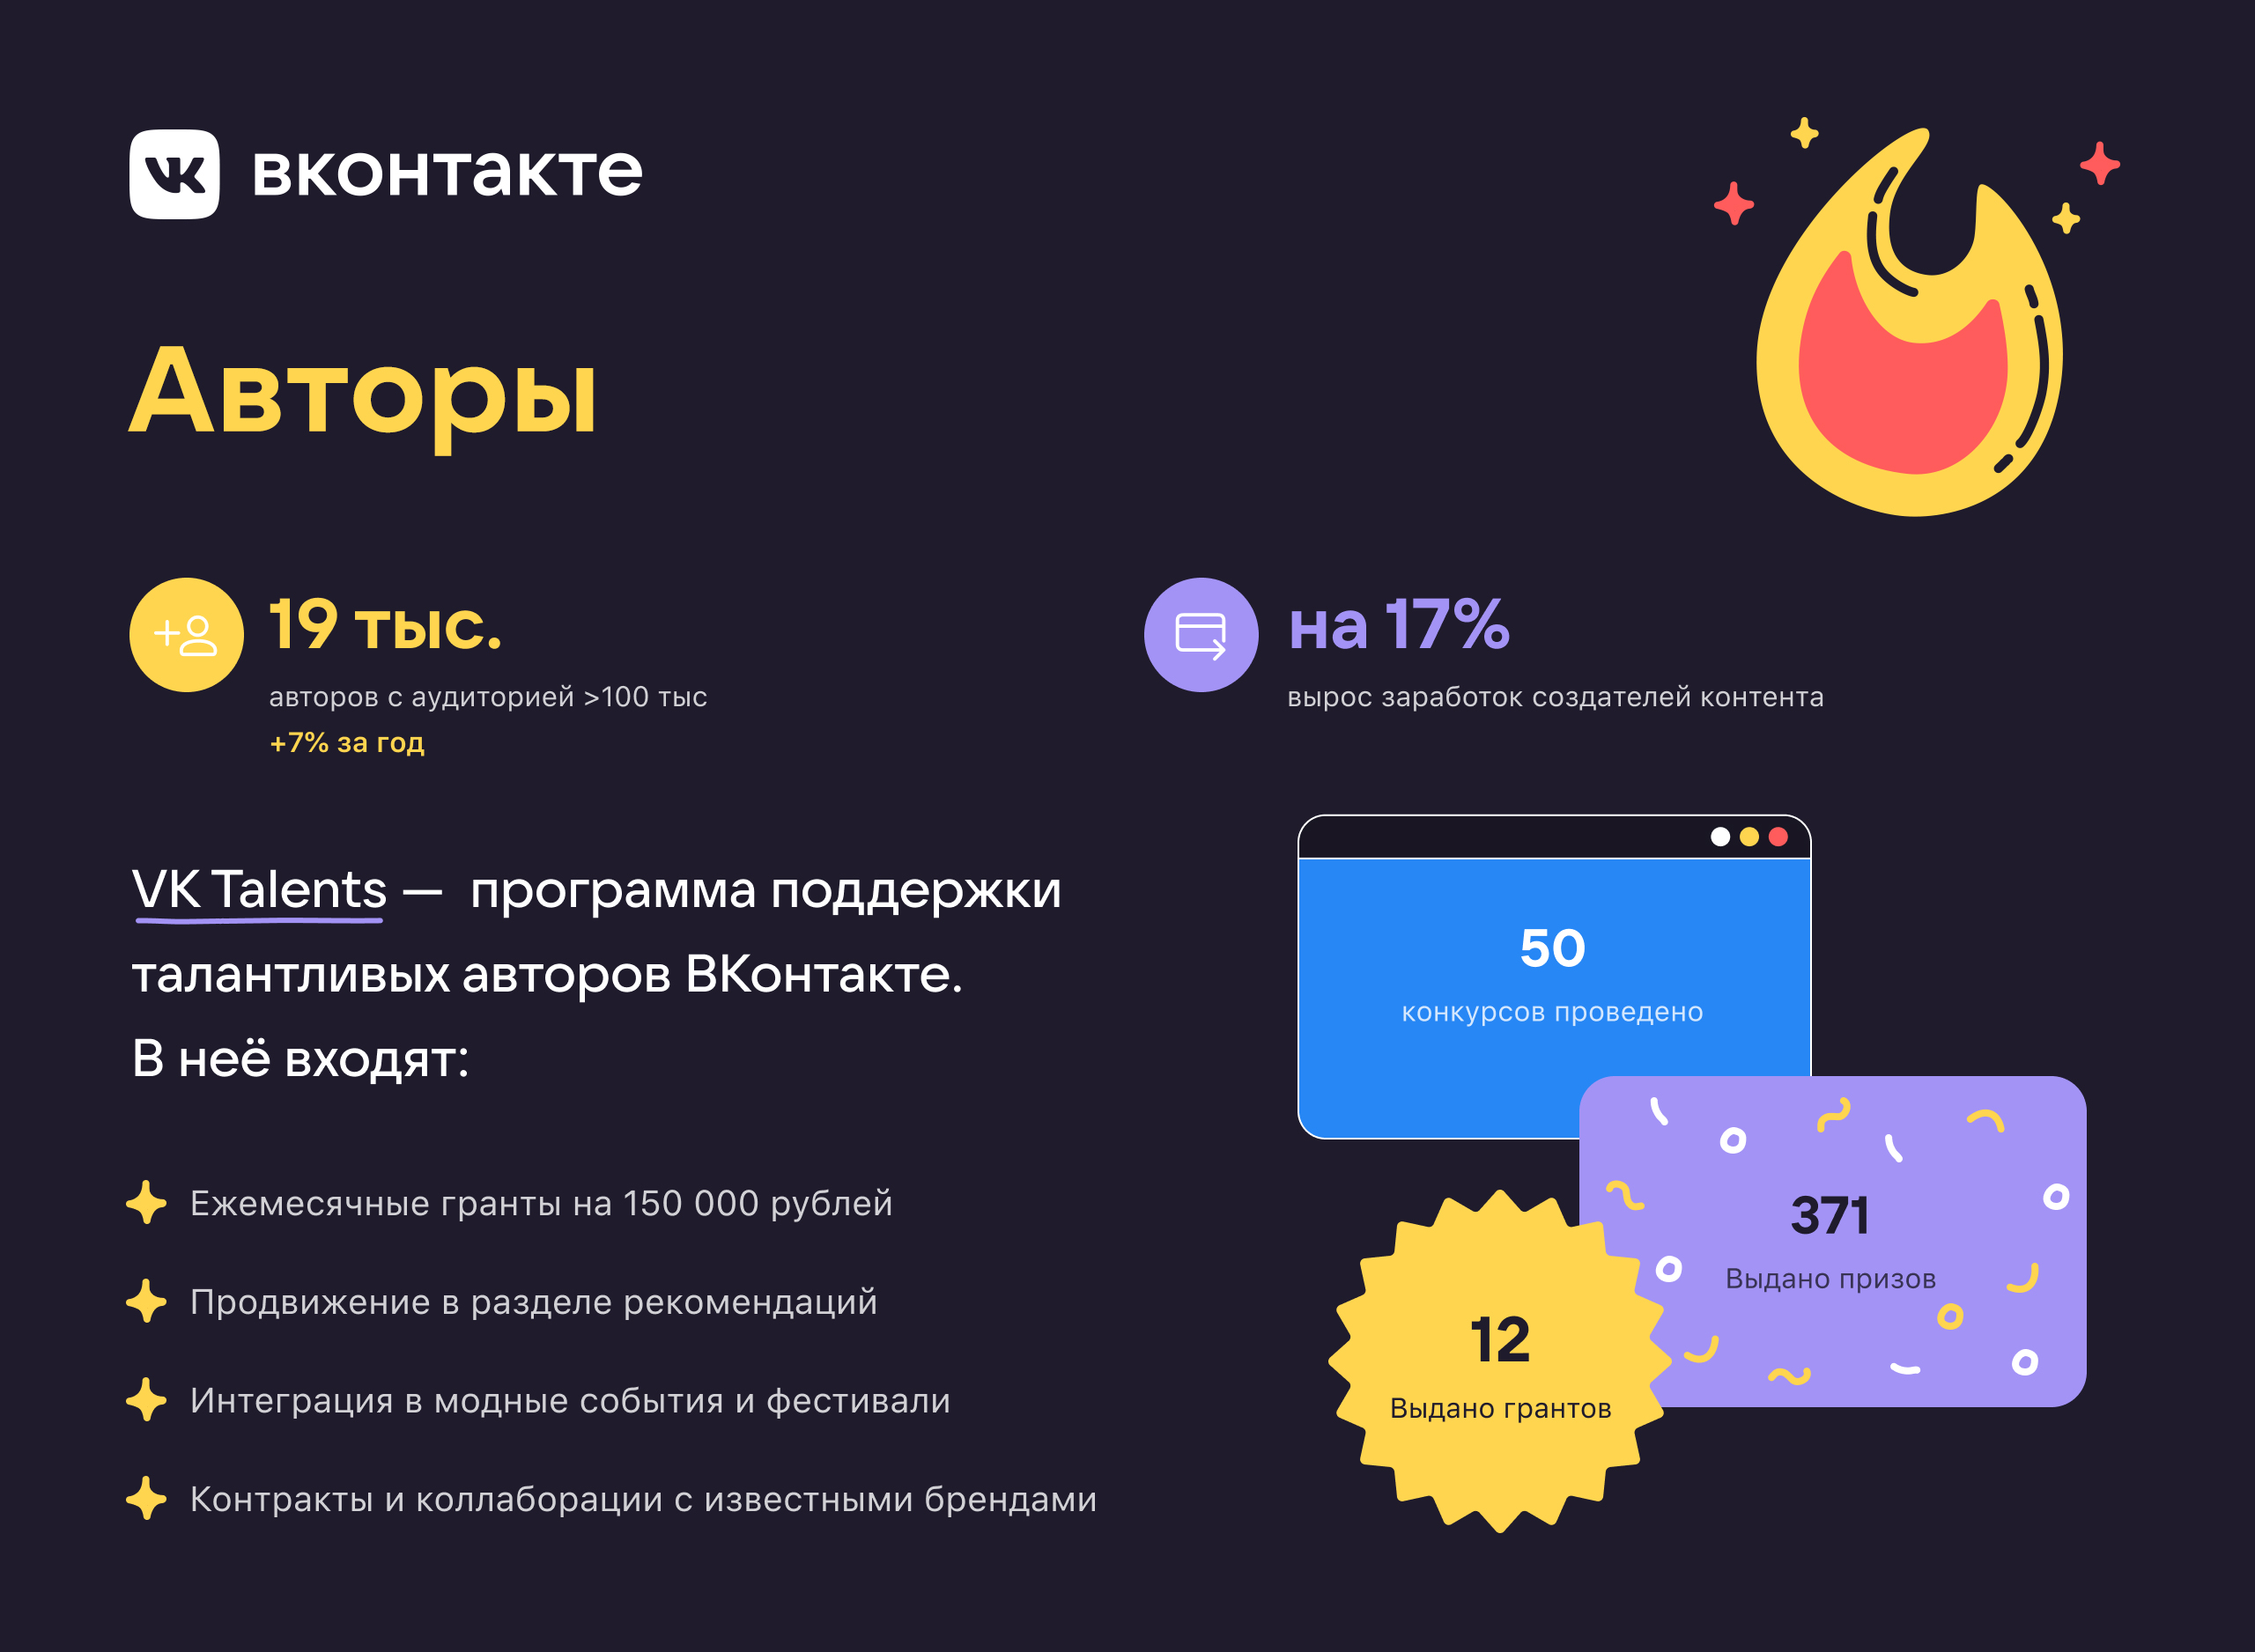 Авторы «ВКонтакте» заработали на 17% больше по итогам 2020 года